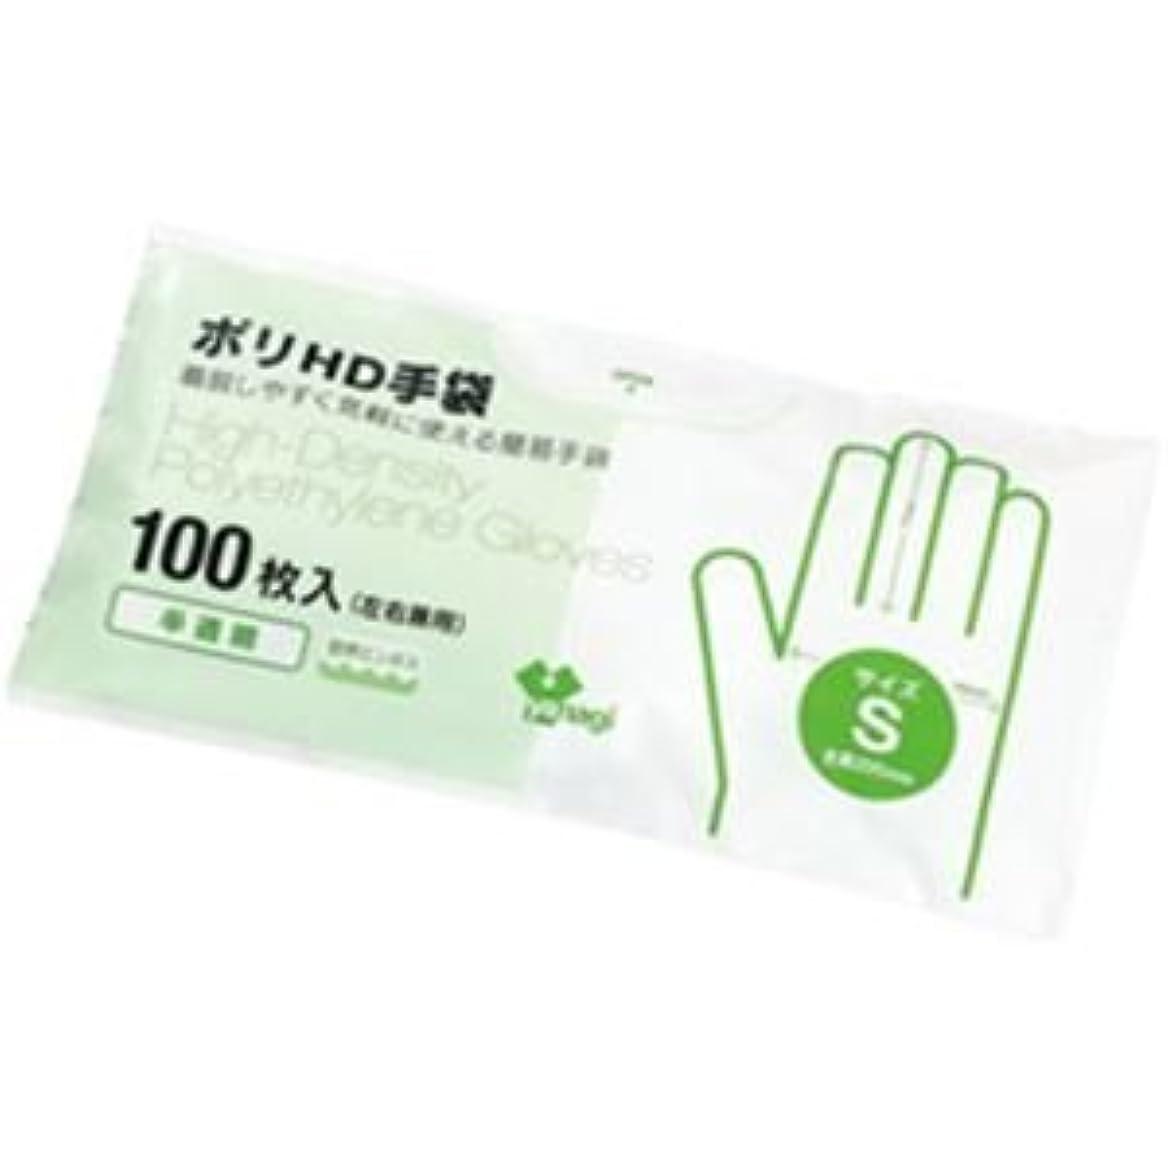 蒸留サイレン一瞬やなぎプロダクツ 高密度ポリエチレン手袋 S 半透明 1箱(100枚) ×30セット